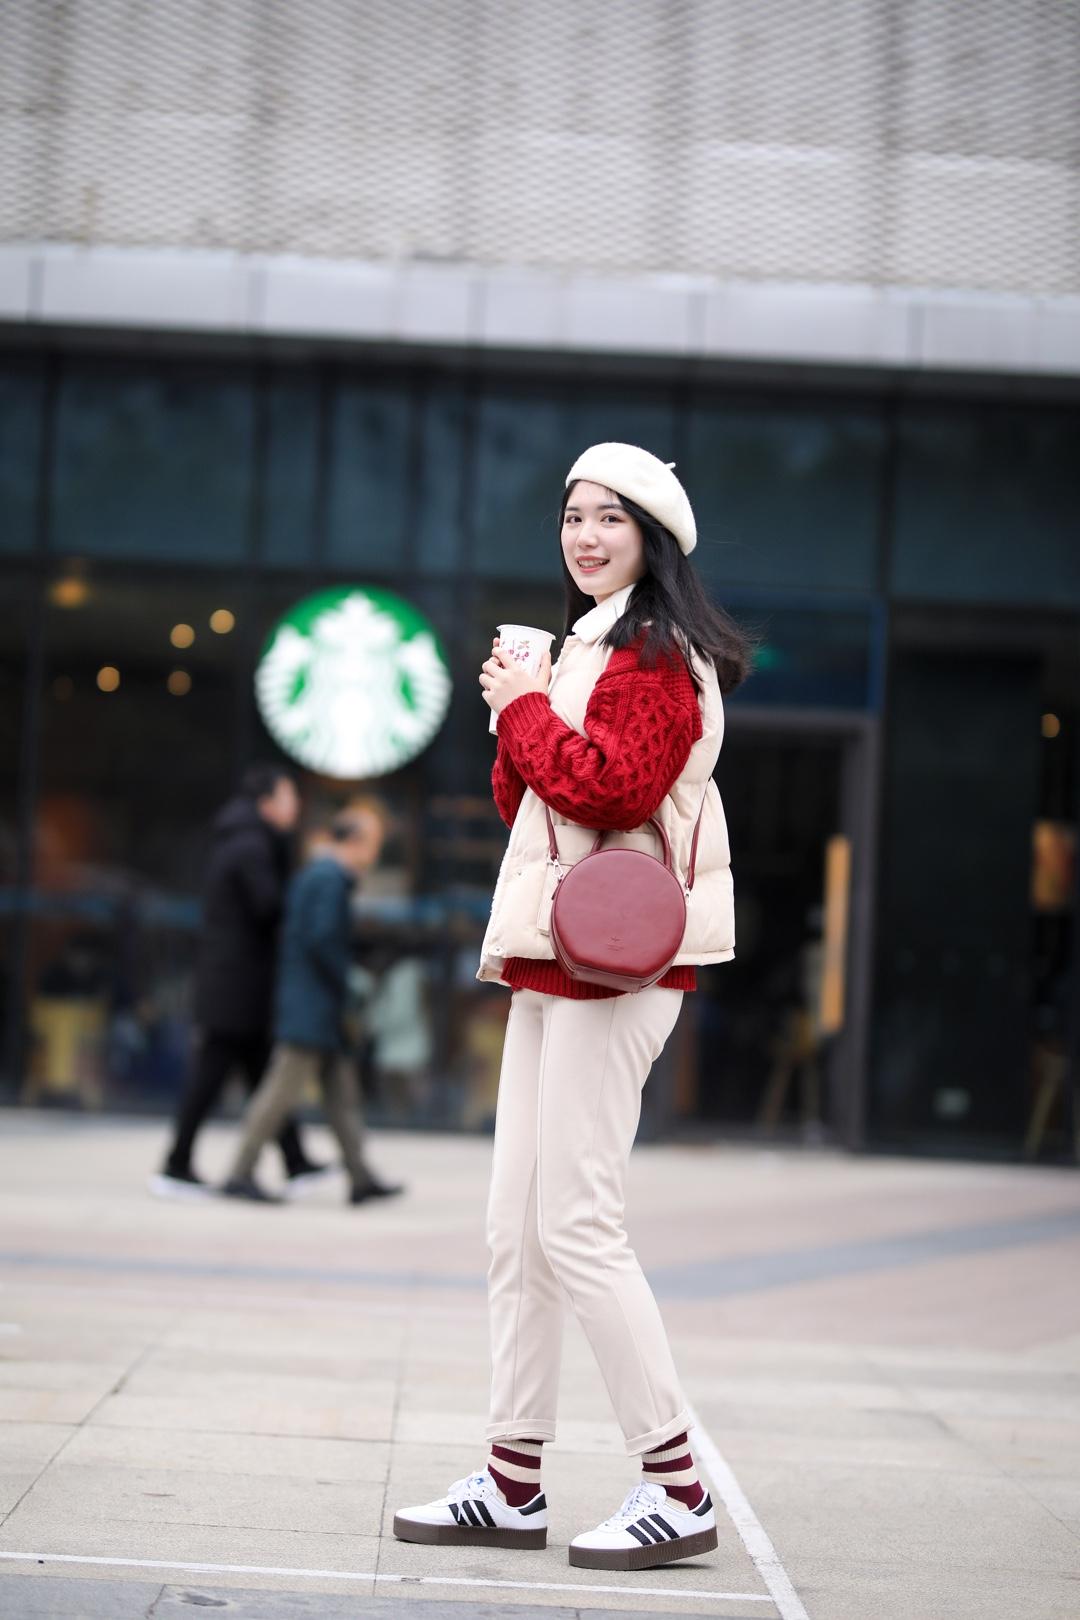 """#开年战袍第二课,你""""配齐""""了吗?#  新年红红火火的穿搭来啦! 红毛衣➕红色包包➕红条纹袜子! 超级喜庆的一身啦! 在搭配上选择了浅色系的马甲、裤子和帽子~ 整体色调上明亮而轻快,这身搭配要不要给我💯"""